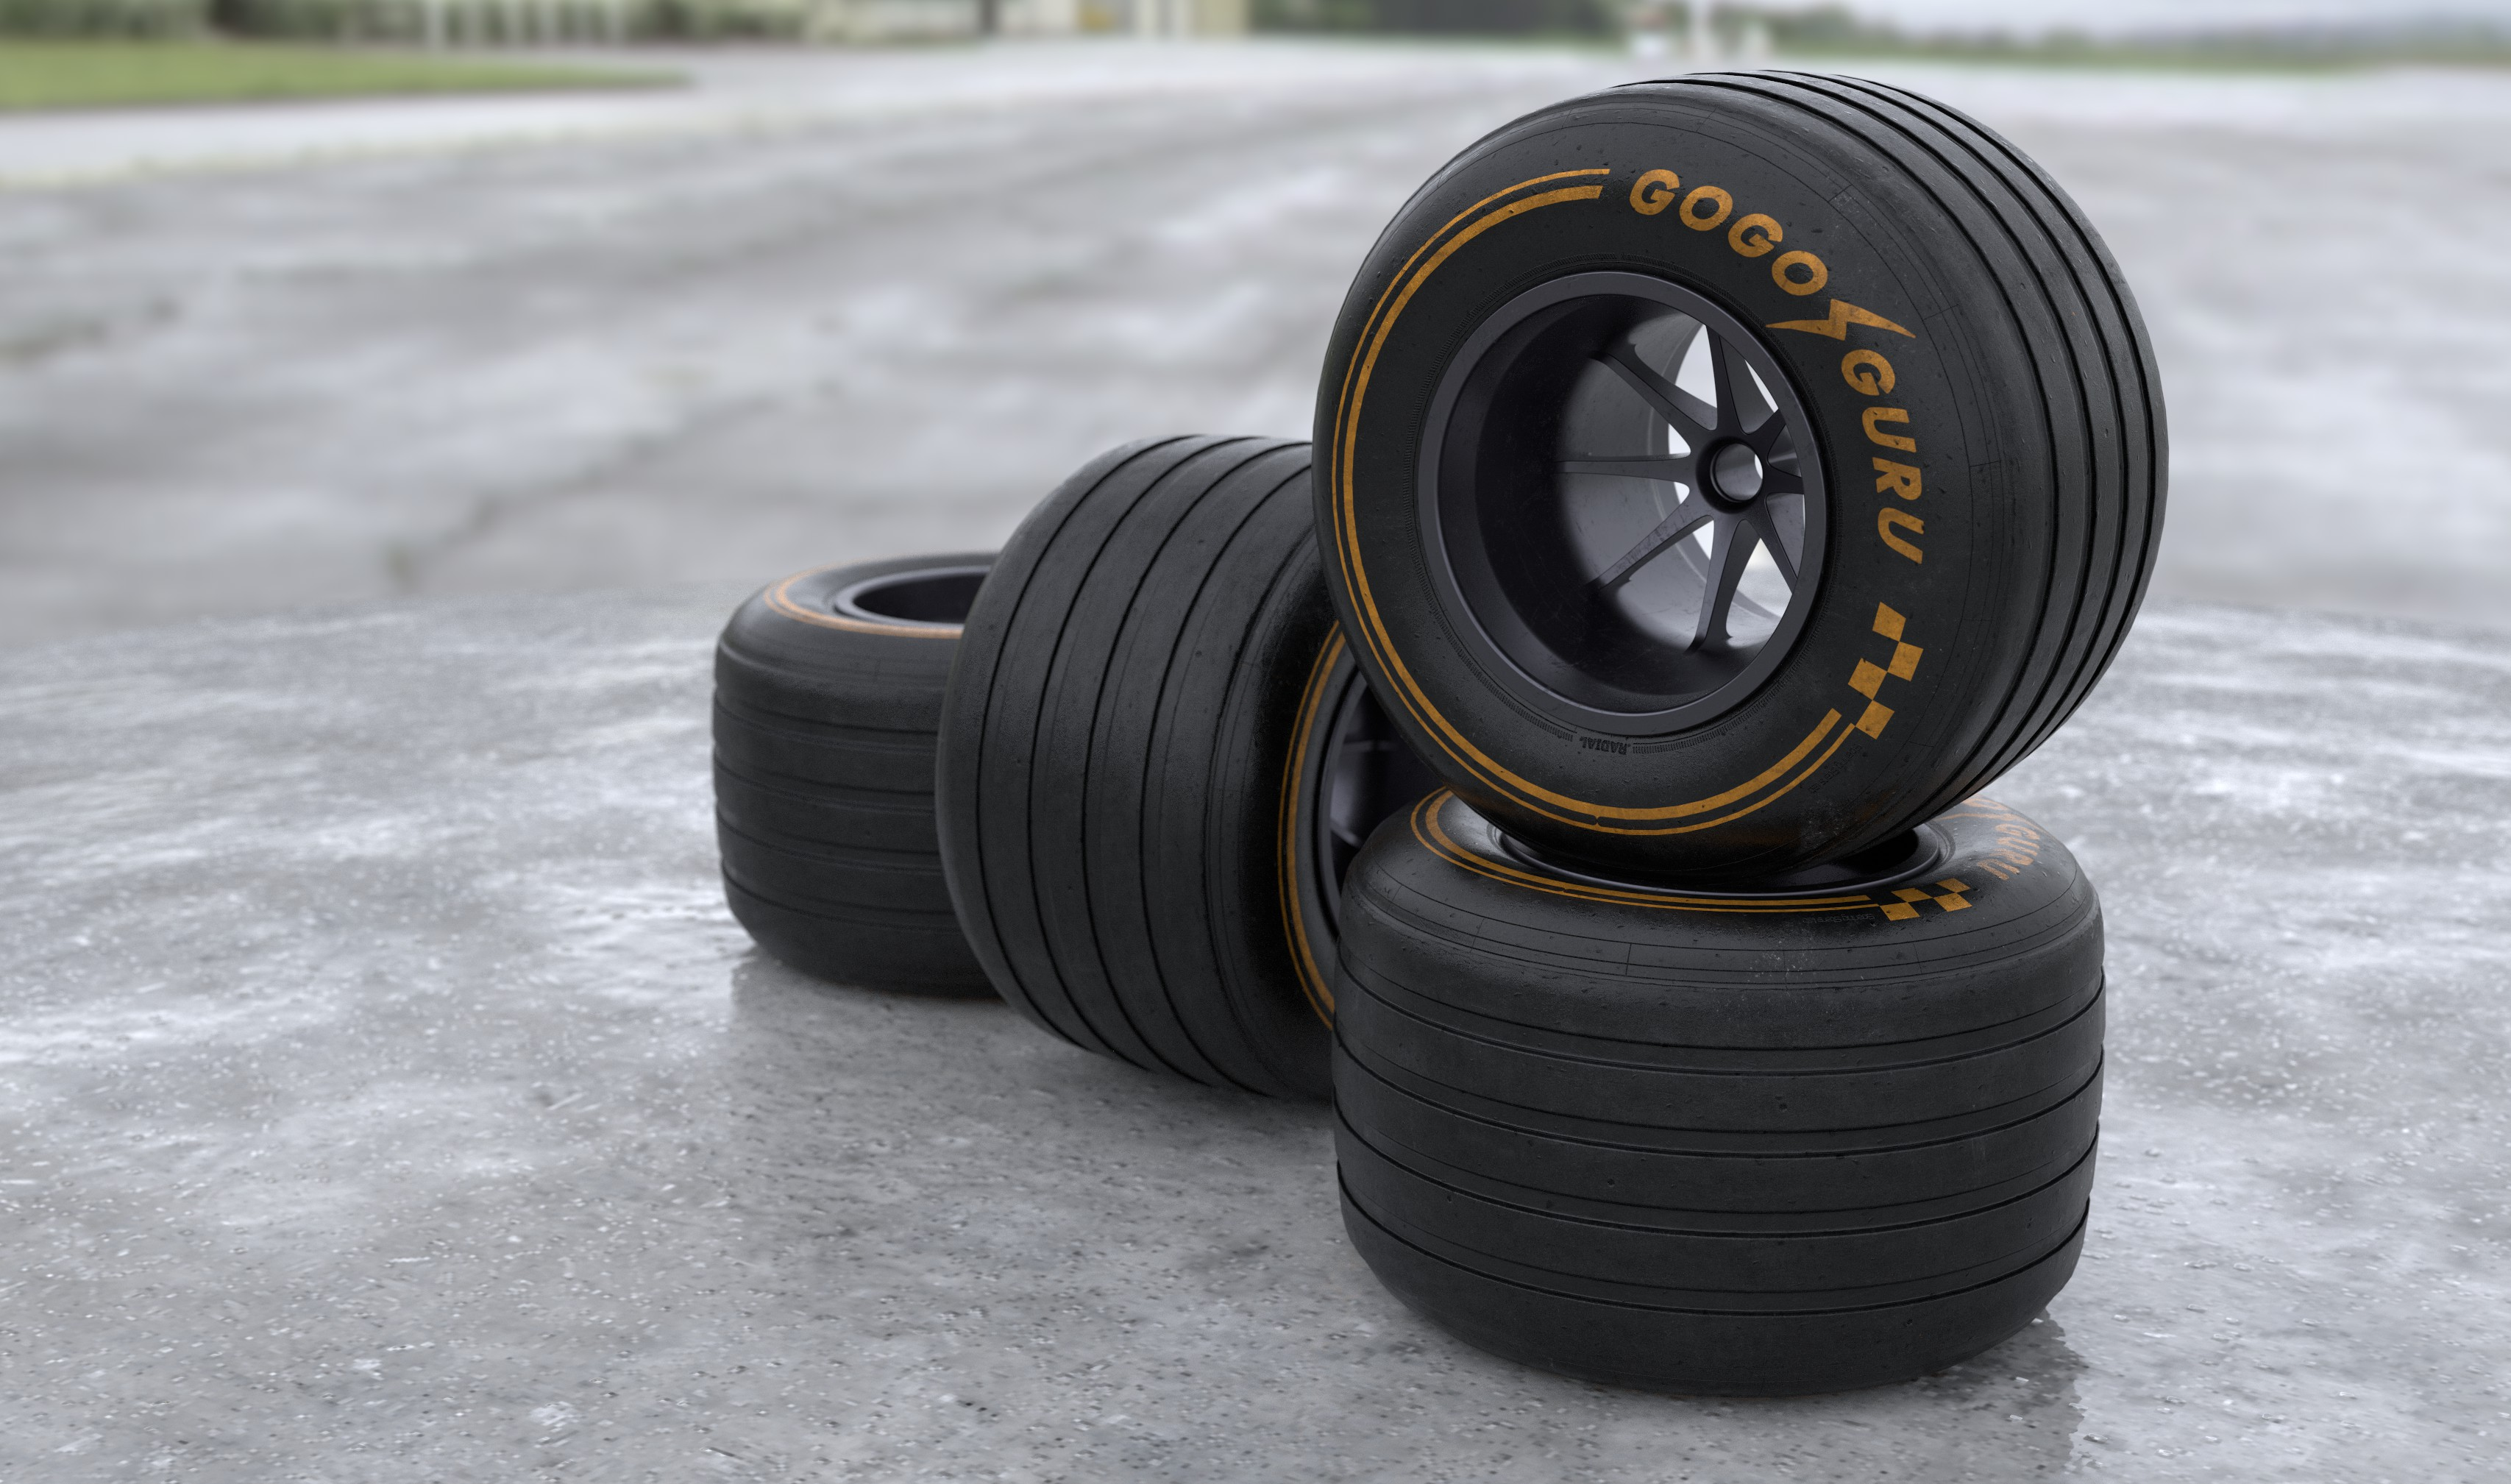 GOGO GURU R13 F1 rear 2019 11.jpg